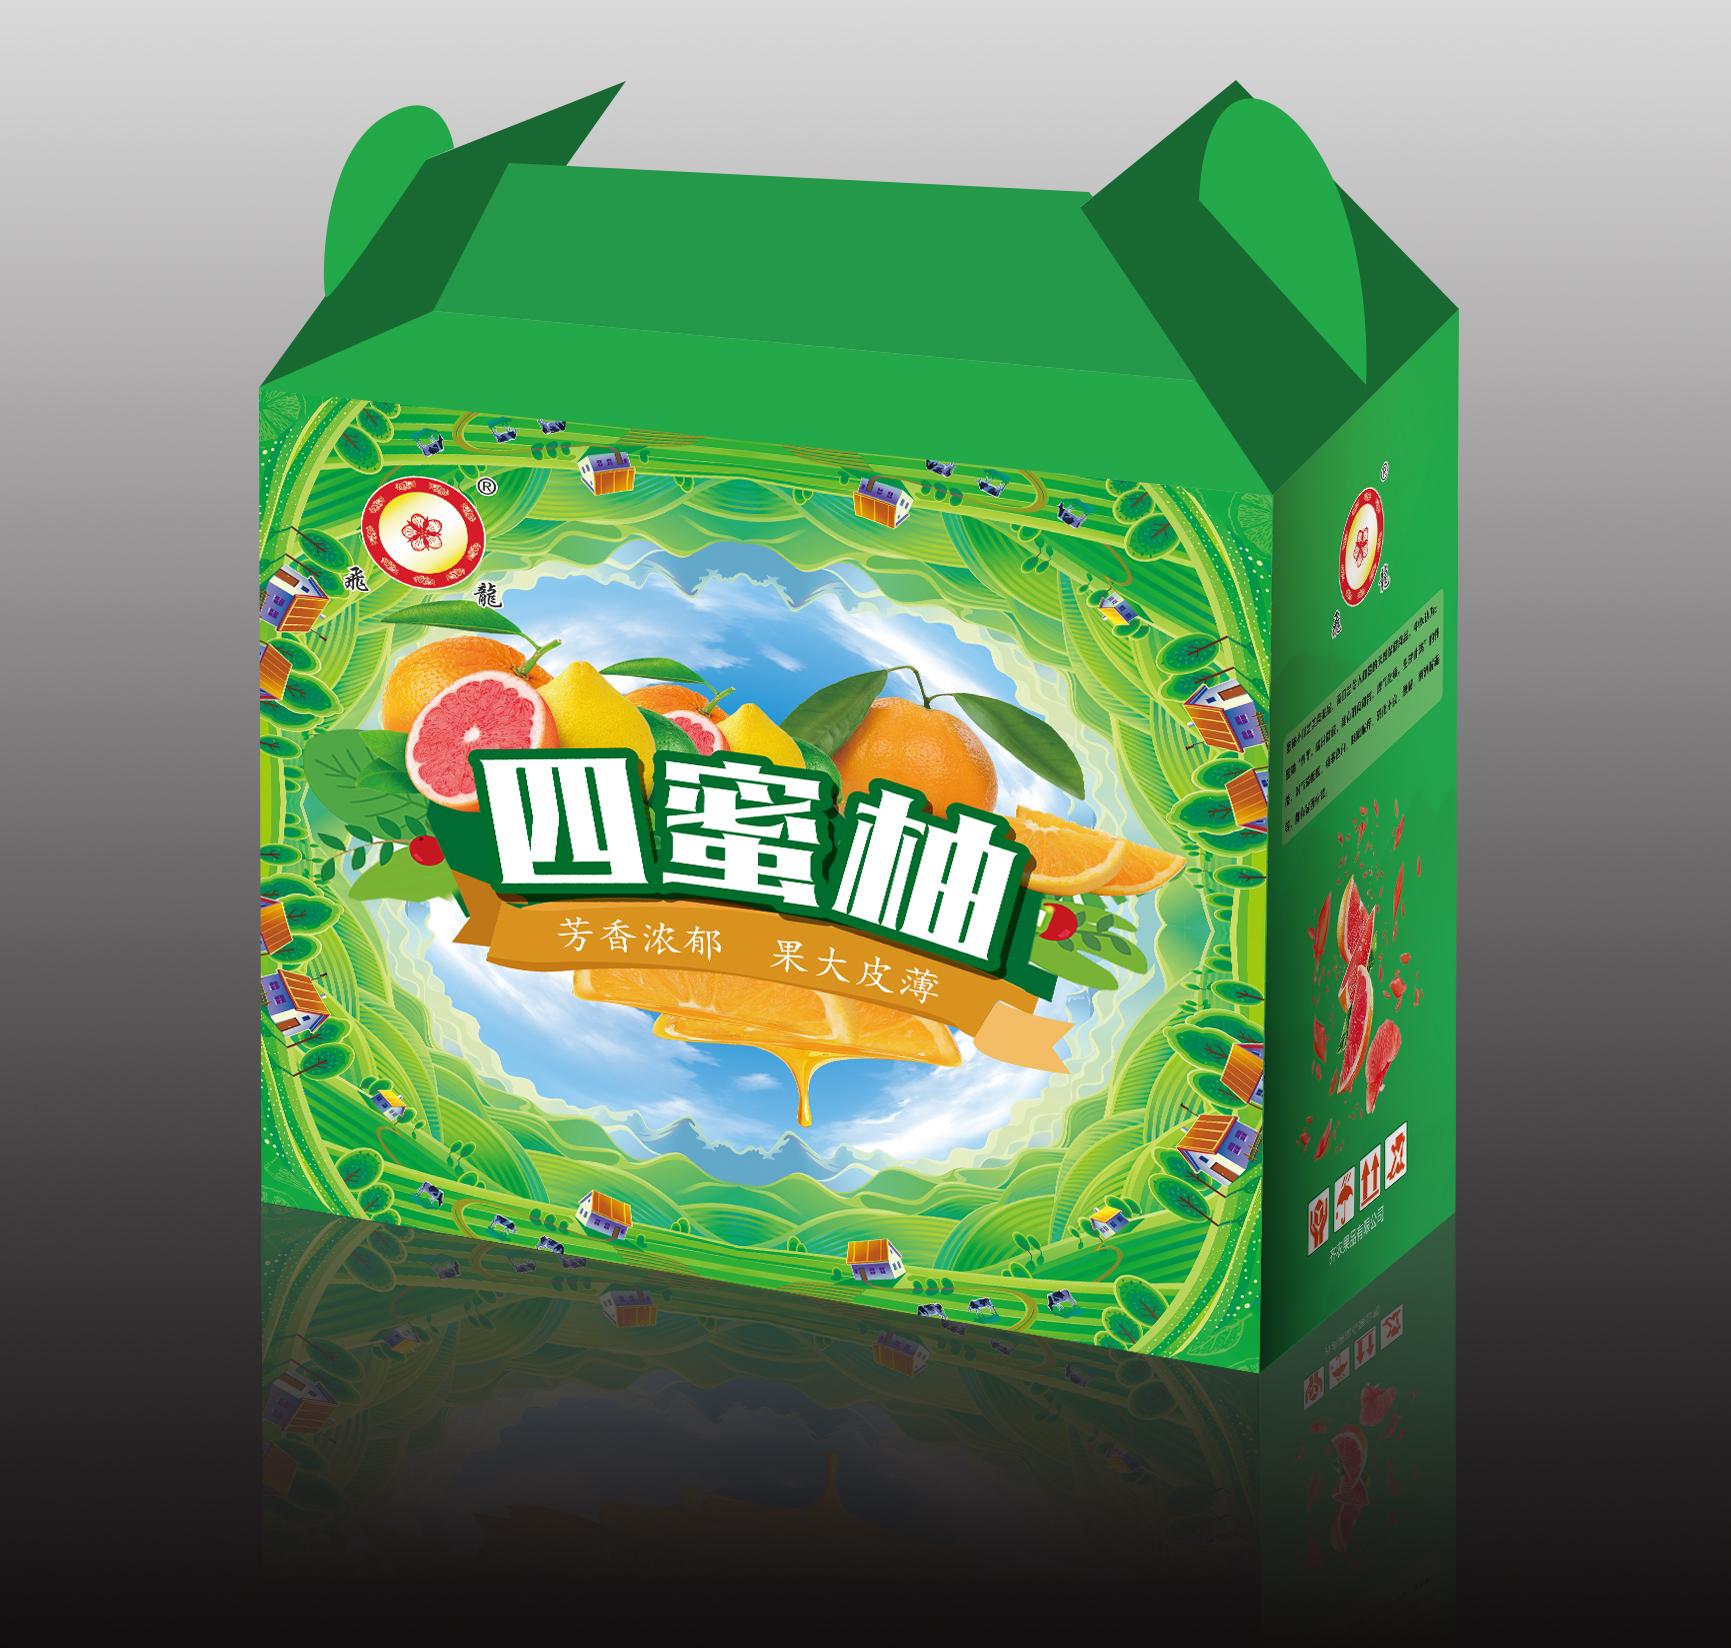 四种蜜柚礼盒版面_2966767_k68威客网